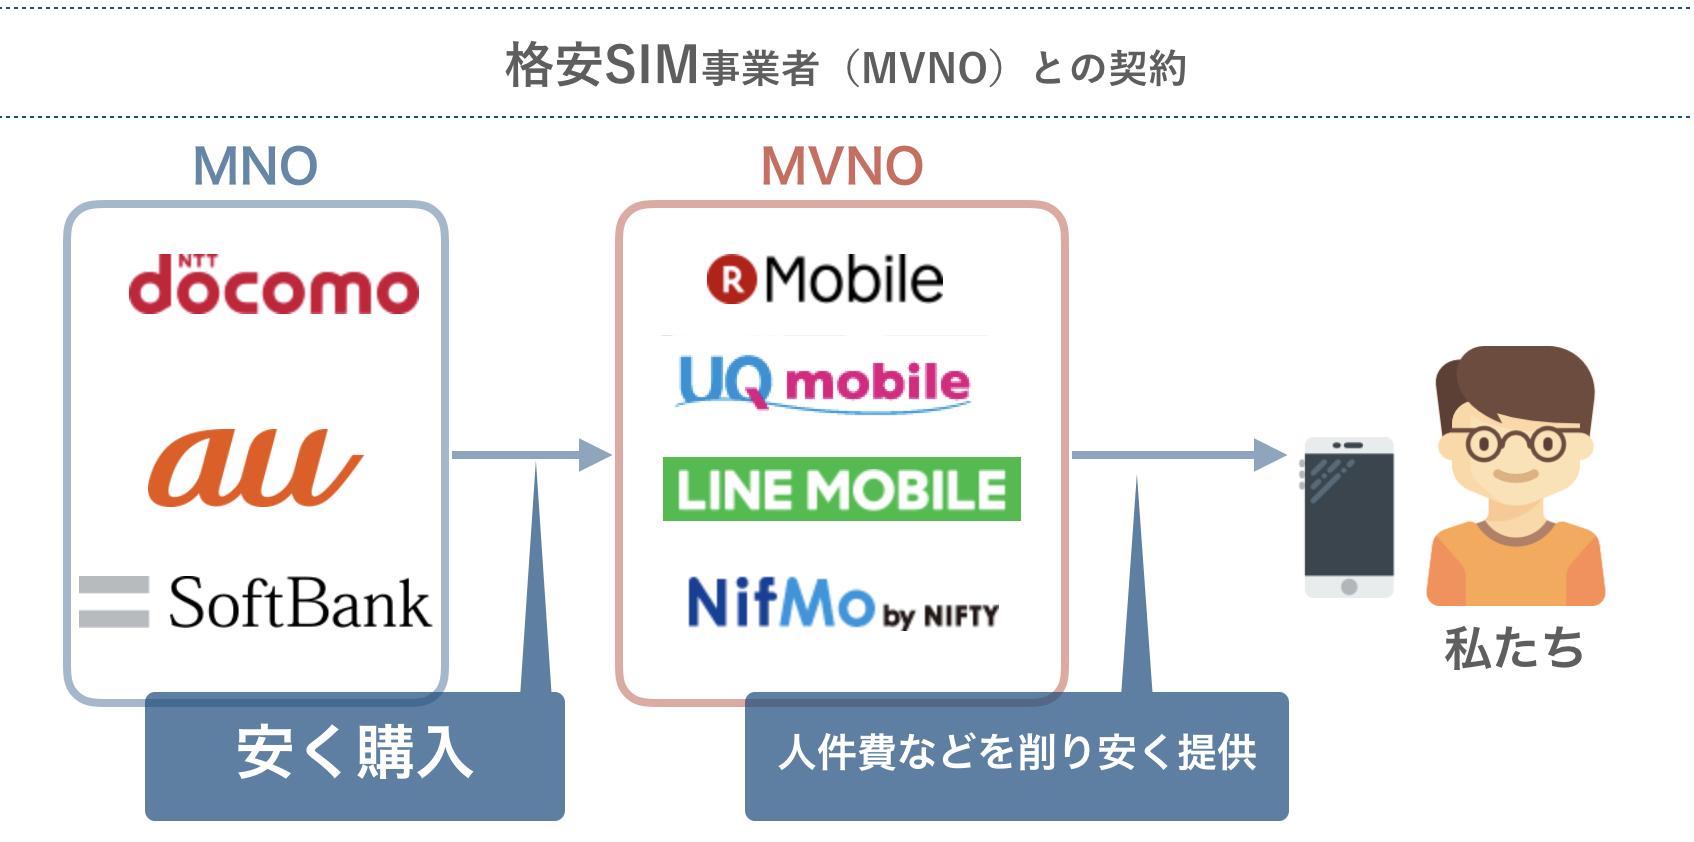 格安SIMは大手キャリアから回線を借りている